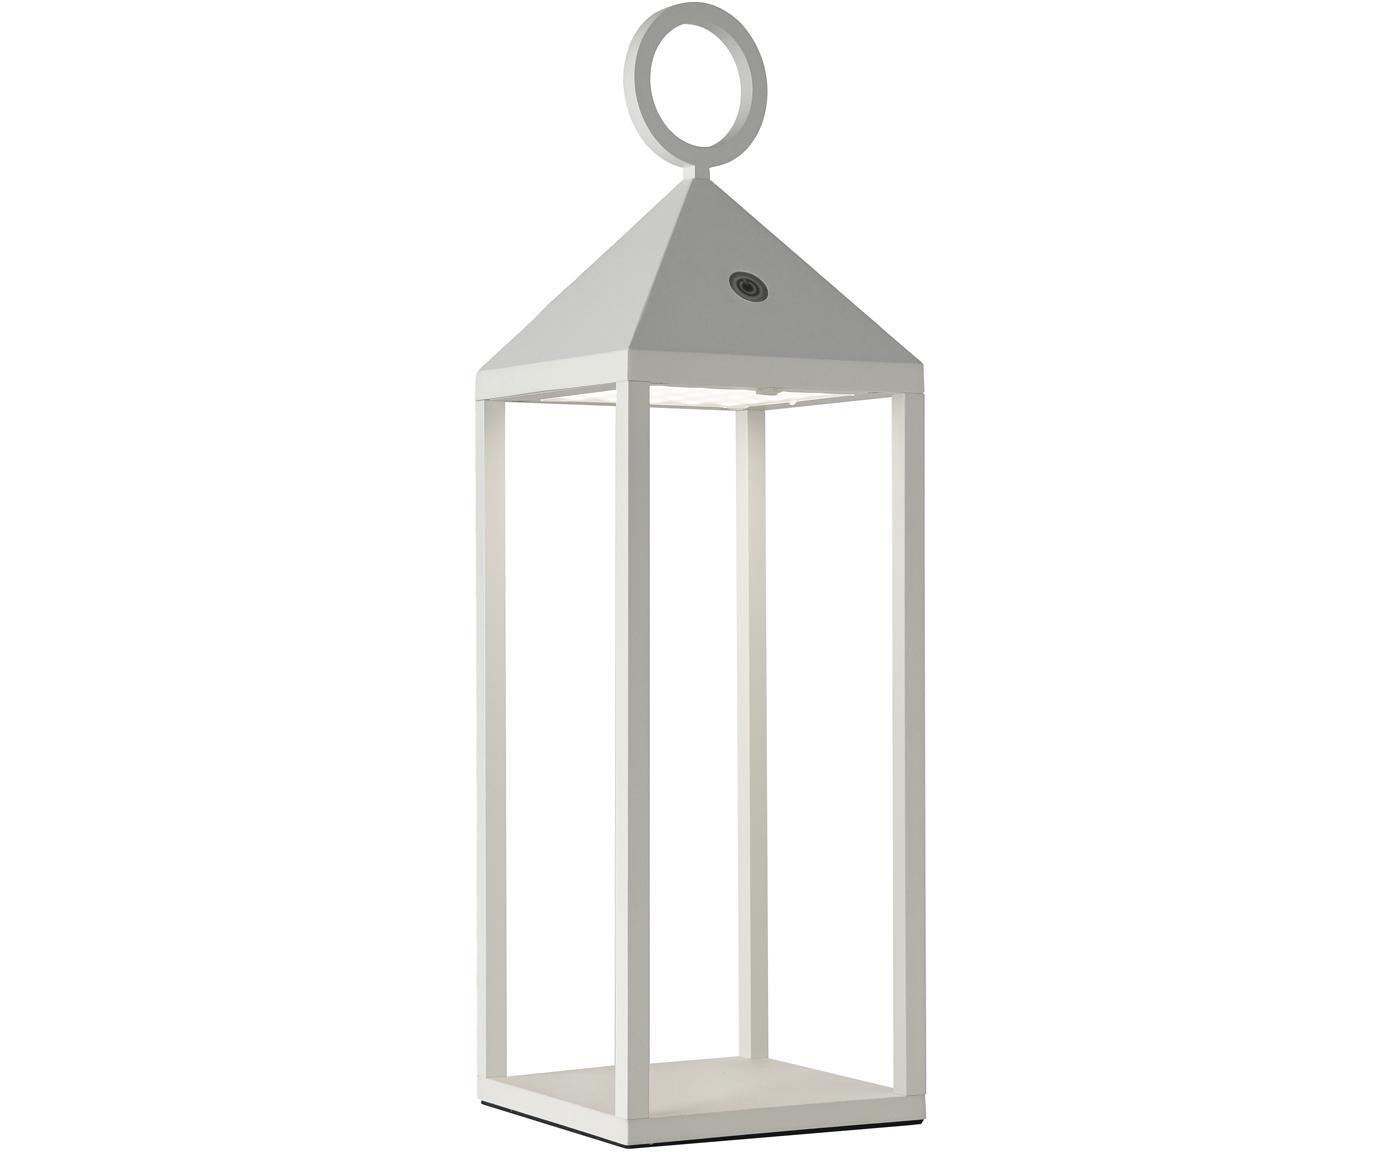 Lampada da esterno a LED portatile Cargo, Alluminio verniciato, Bianco, Larg. 14 x Alt. 47 cm